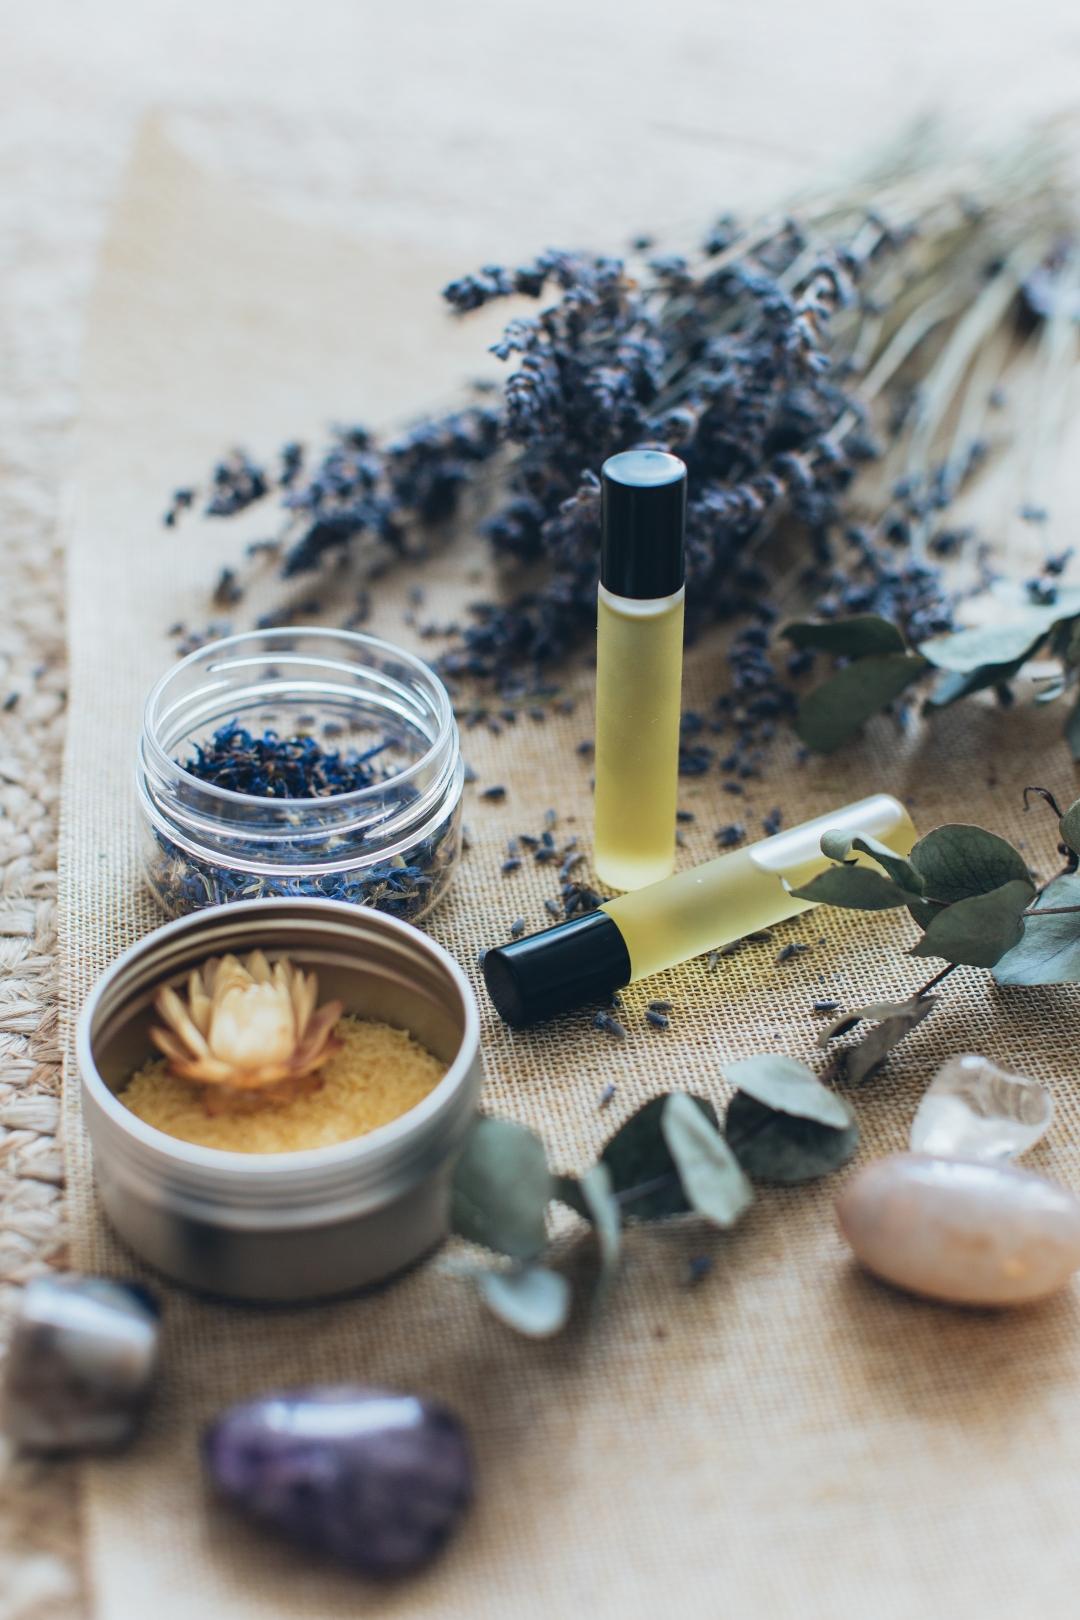 17种常见精油的美容护肤功效